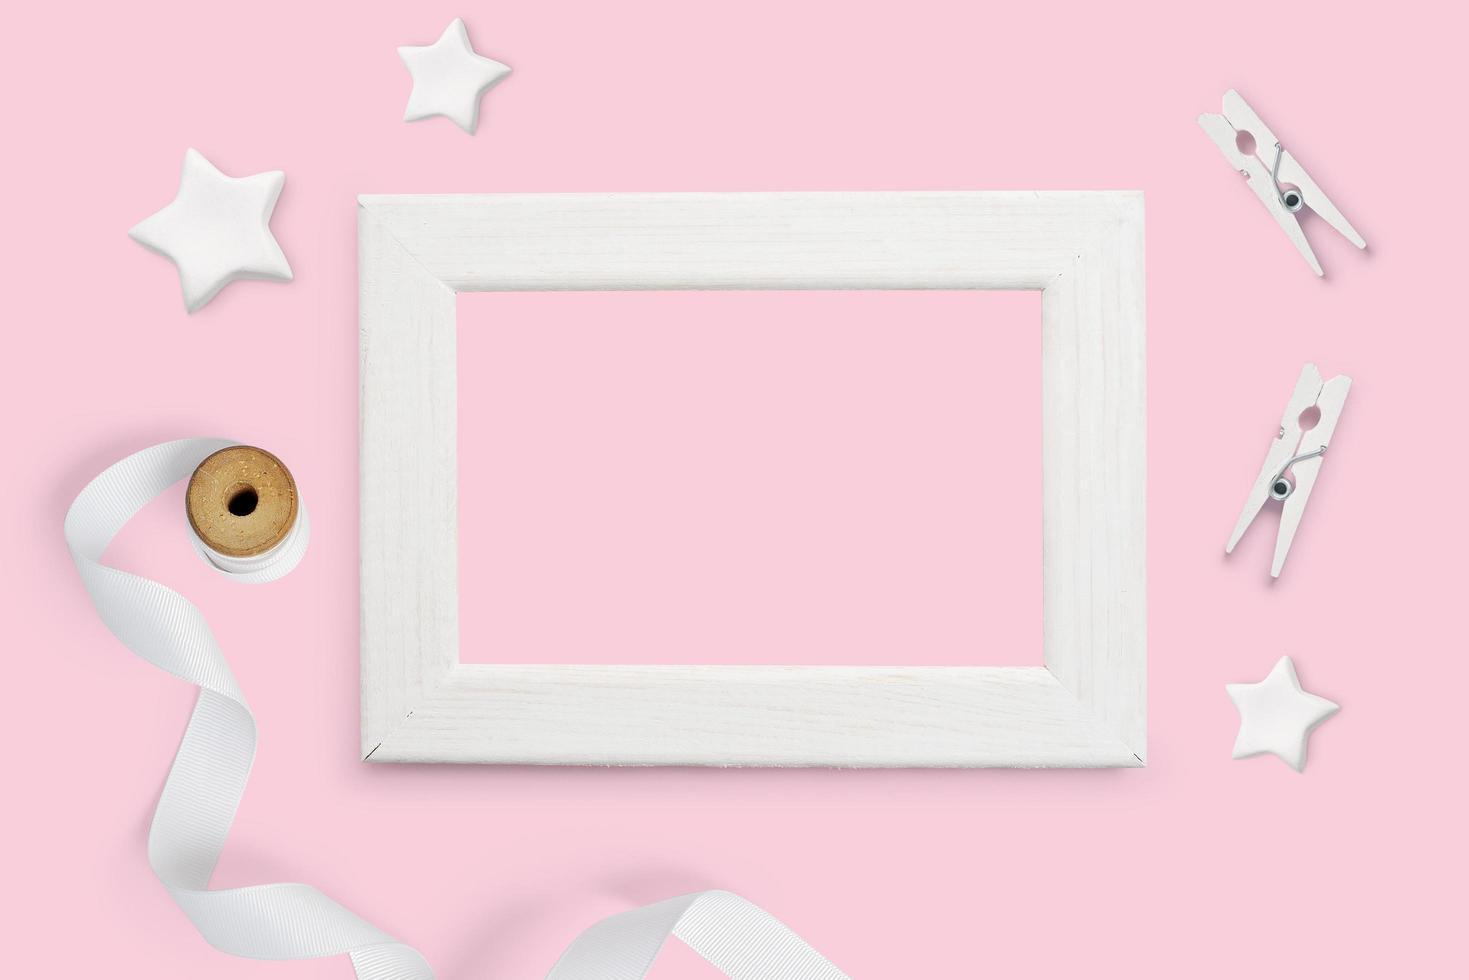 Modell aus weißem Holzrahmen, weißen Sternen, Band und Wäscheklammern foto